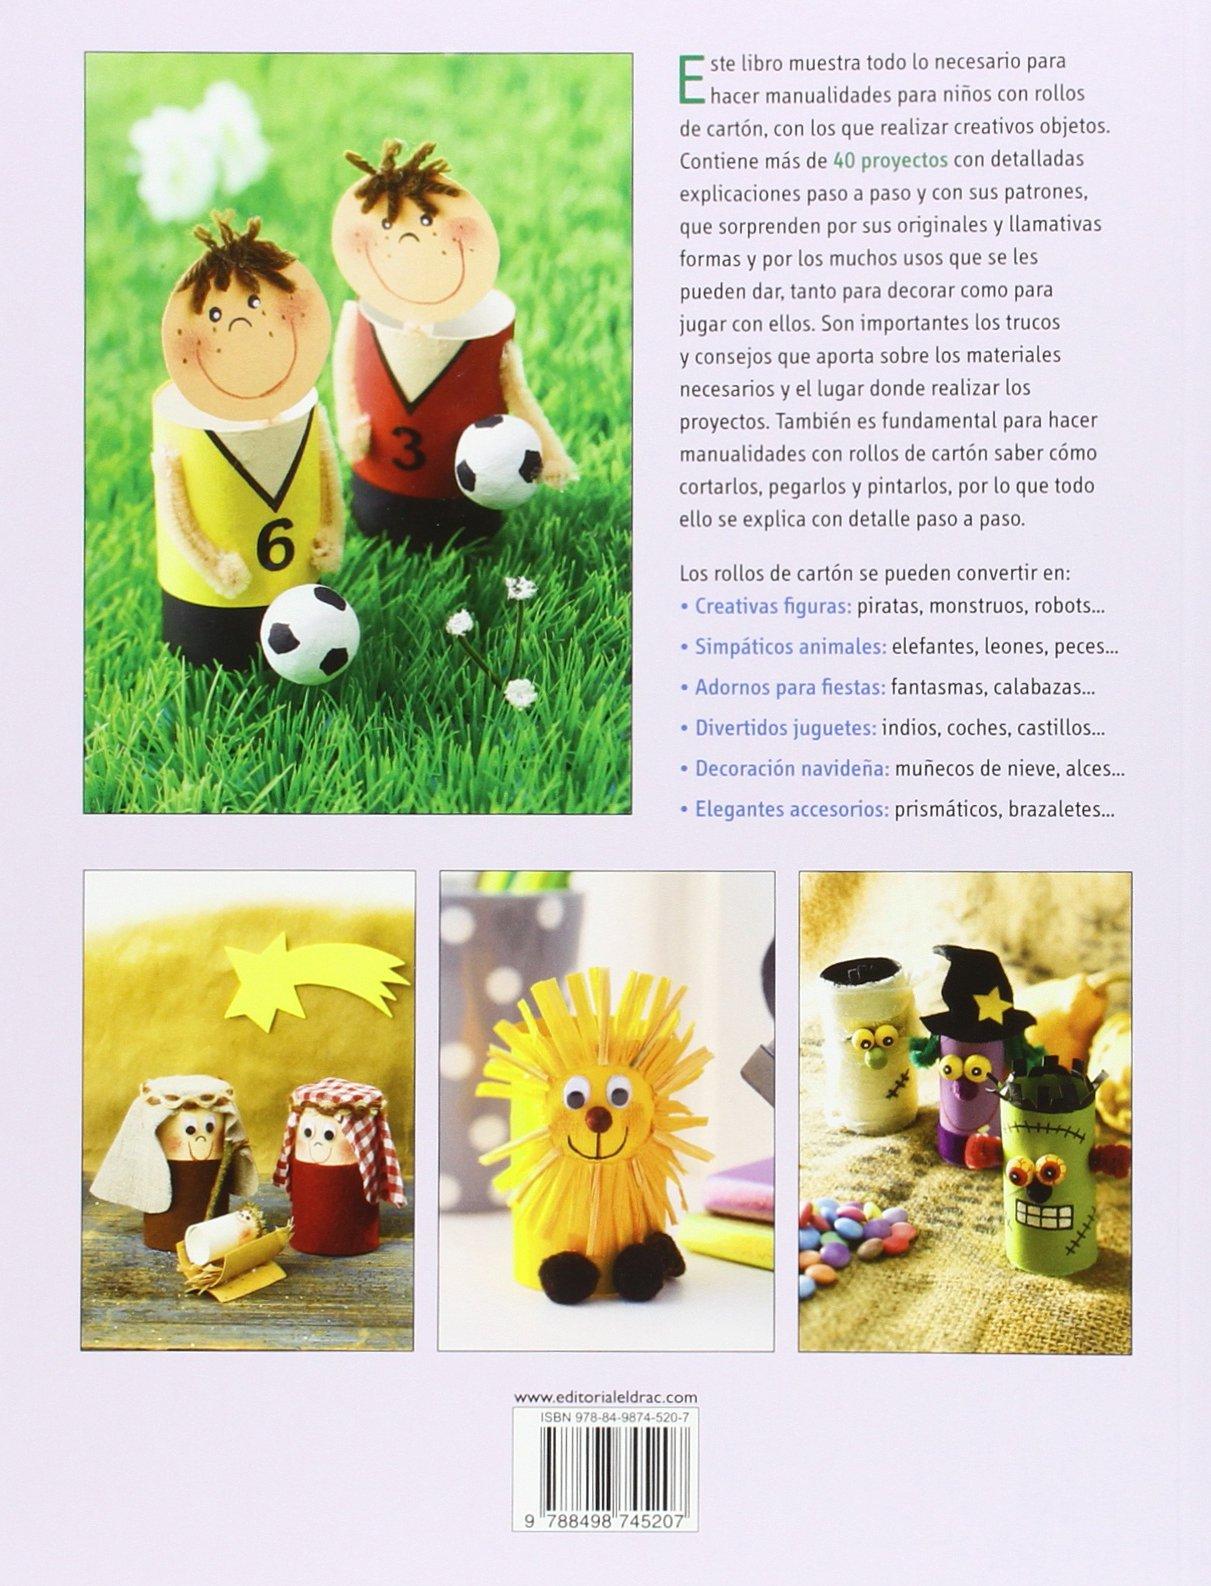 Manualidades para niños con rollos de cartón: SCHMITT: 9788498745207: Amazon.com: Books